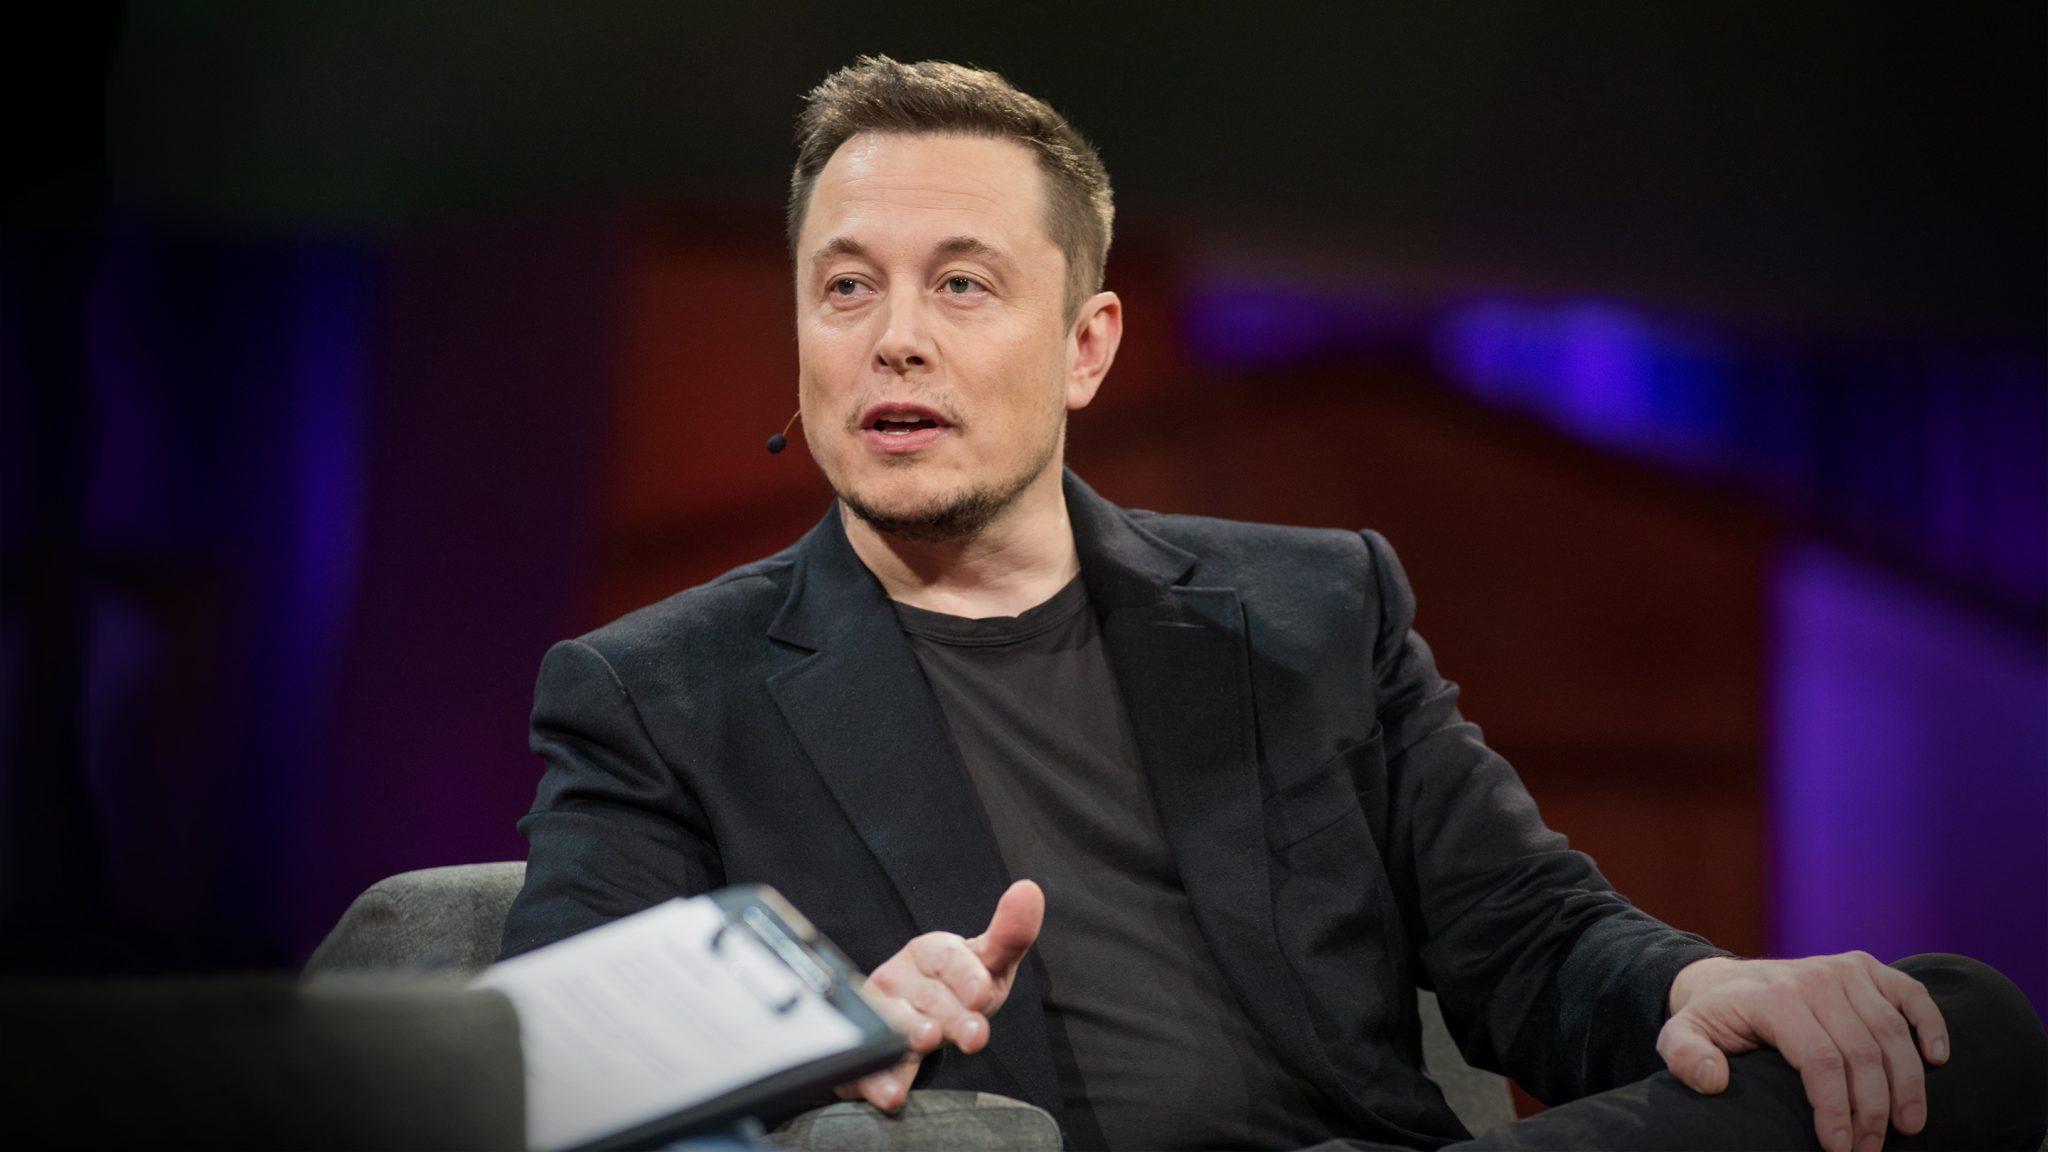 Элон Маск обратился за помощью к создателю Dogecoin в борьбе с мошенниками